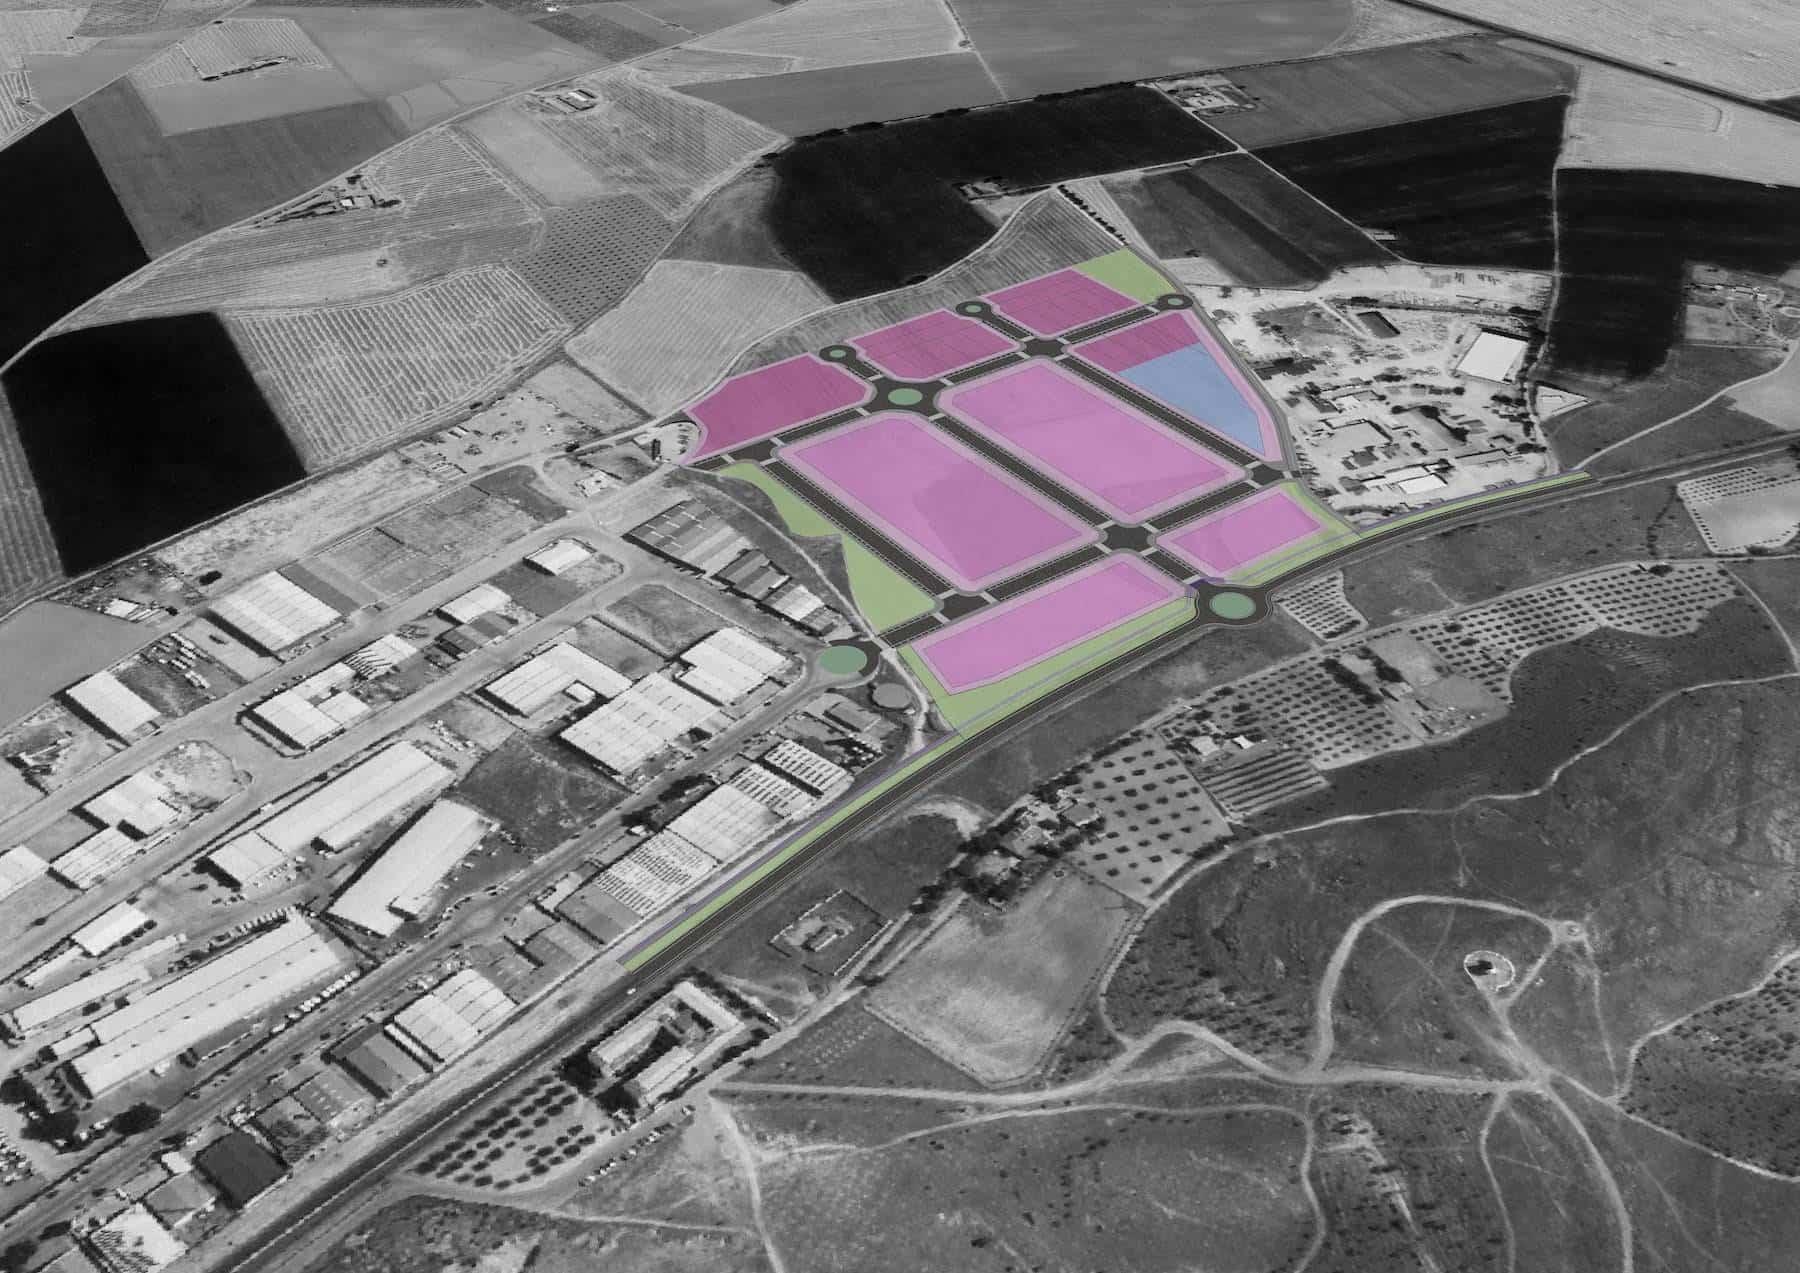 plano ampliacion poligono industrial herencial - Herencia aprueba la ampliación del polígono industrial